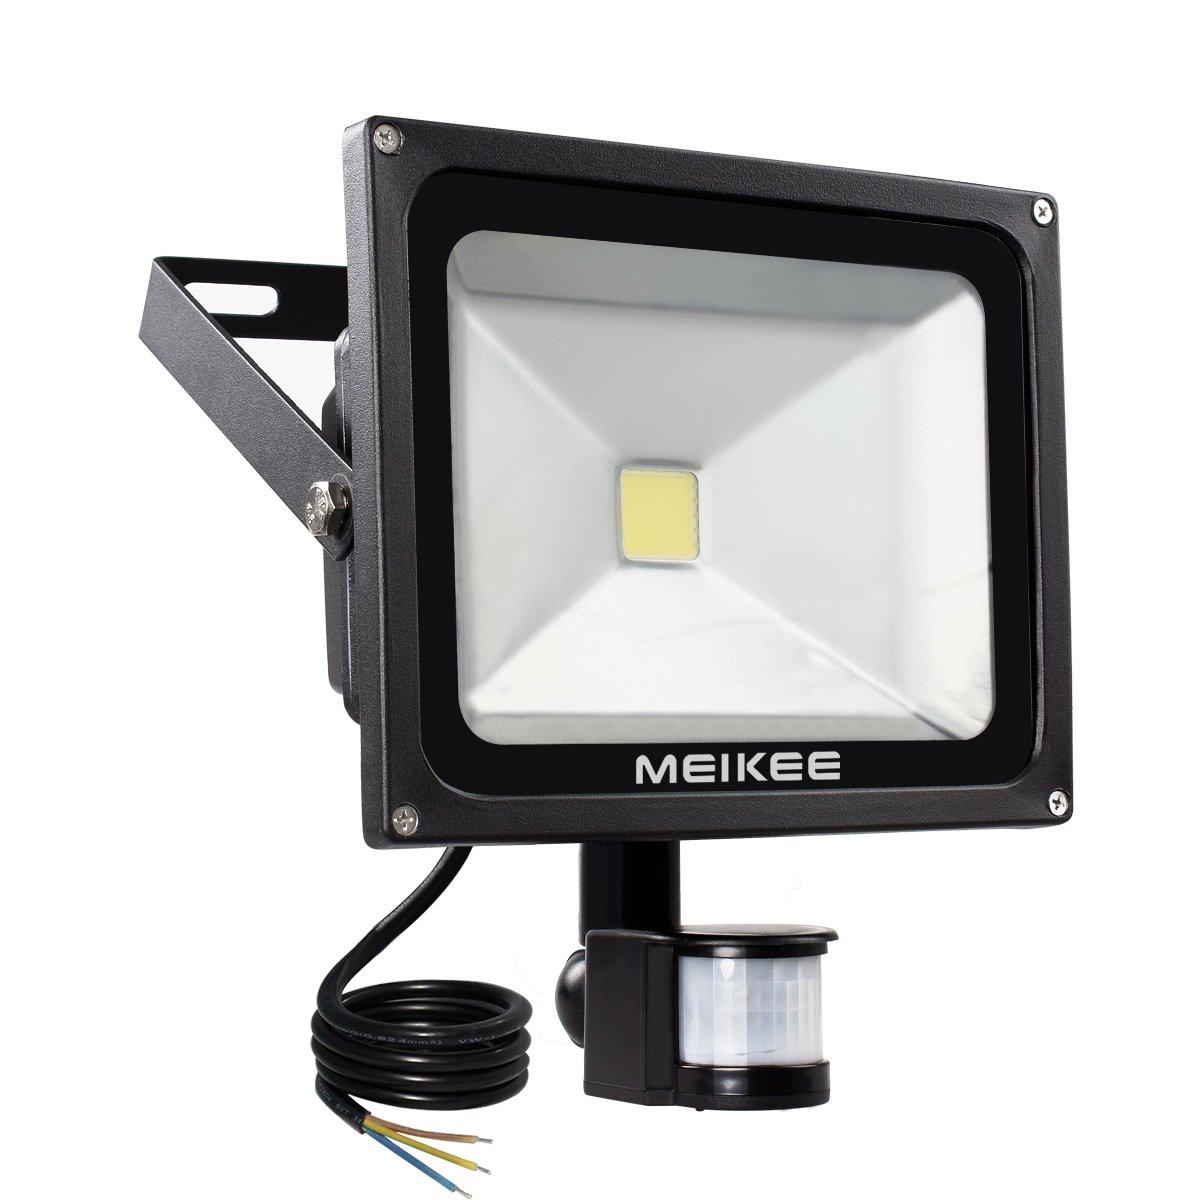 MEIKEE 30W LED Strahler Scheinwerfer Fluter Licht Floodlight Außenstrahler  Wandstrahler Schwarz Aluminium IP65 Wasserdicht AC 85